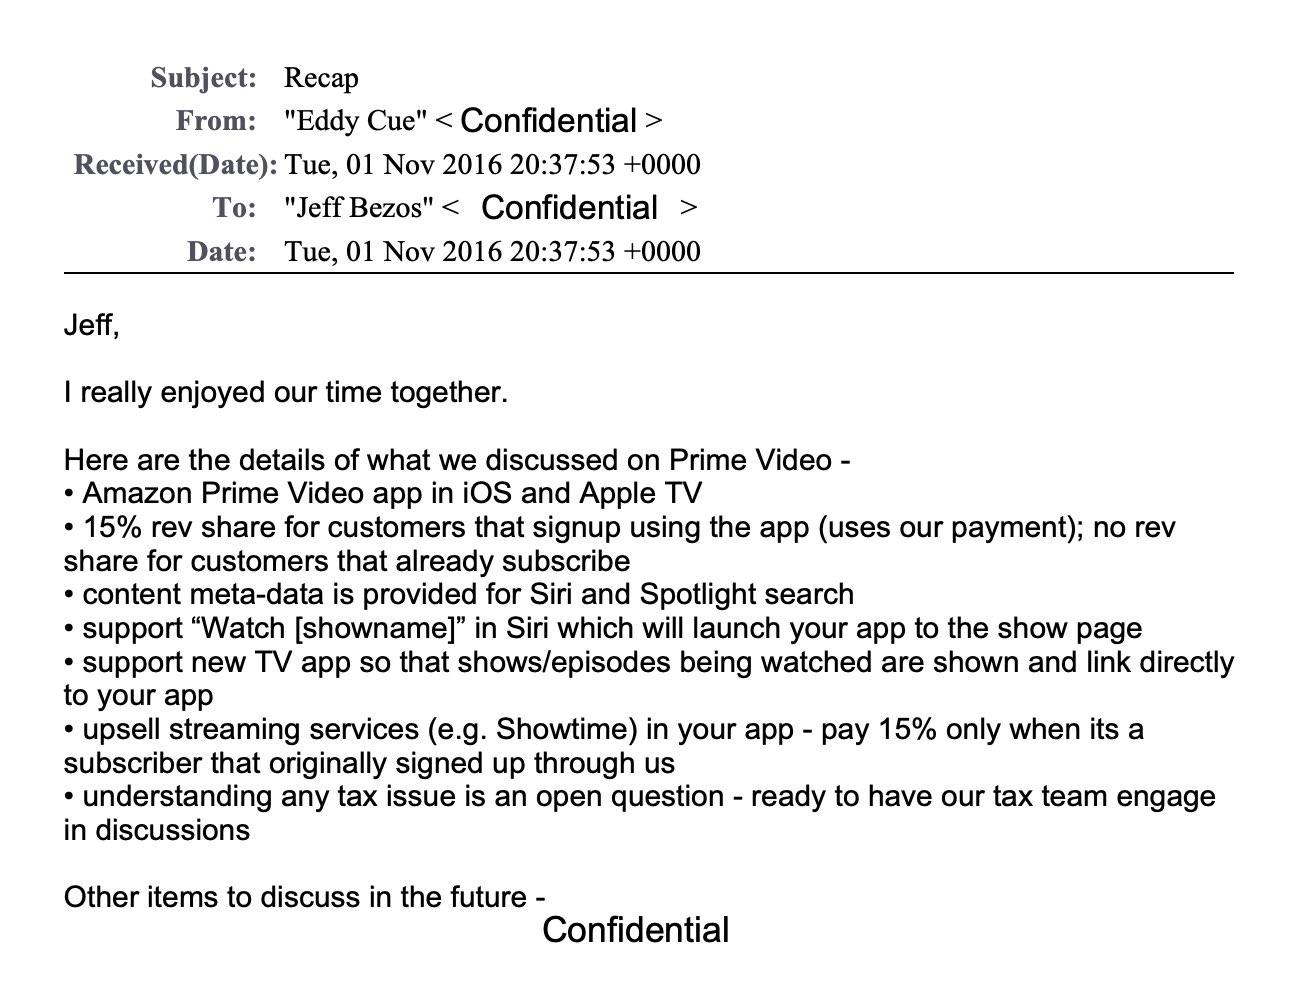 内部邮件曝光:苹果CEO库克被指公开撒谎 微软很受伤